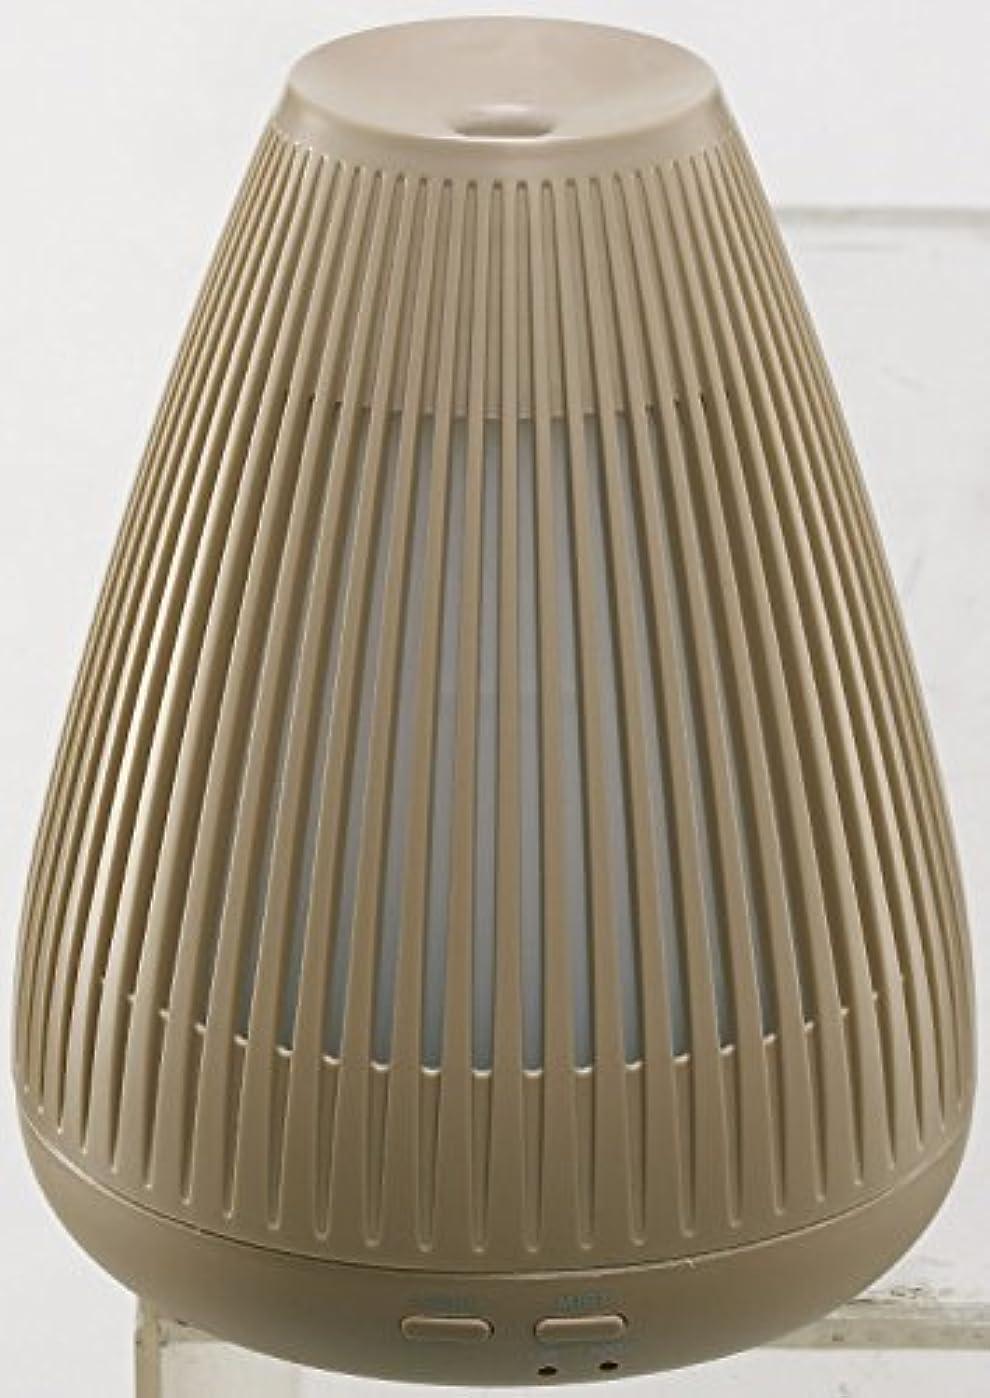 抗生物質憲法金額ムード 超音波アロマディフューザー ライトブラウン MOD-AM1102 LBR